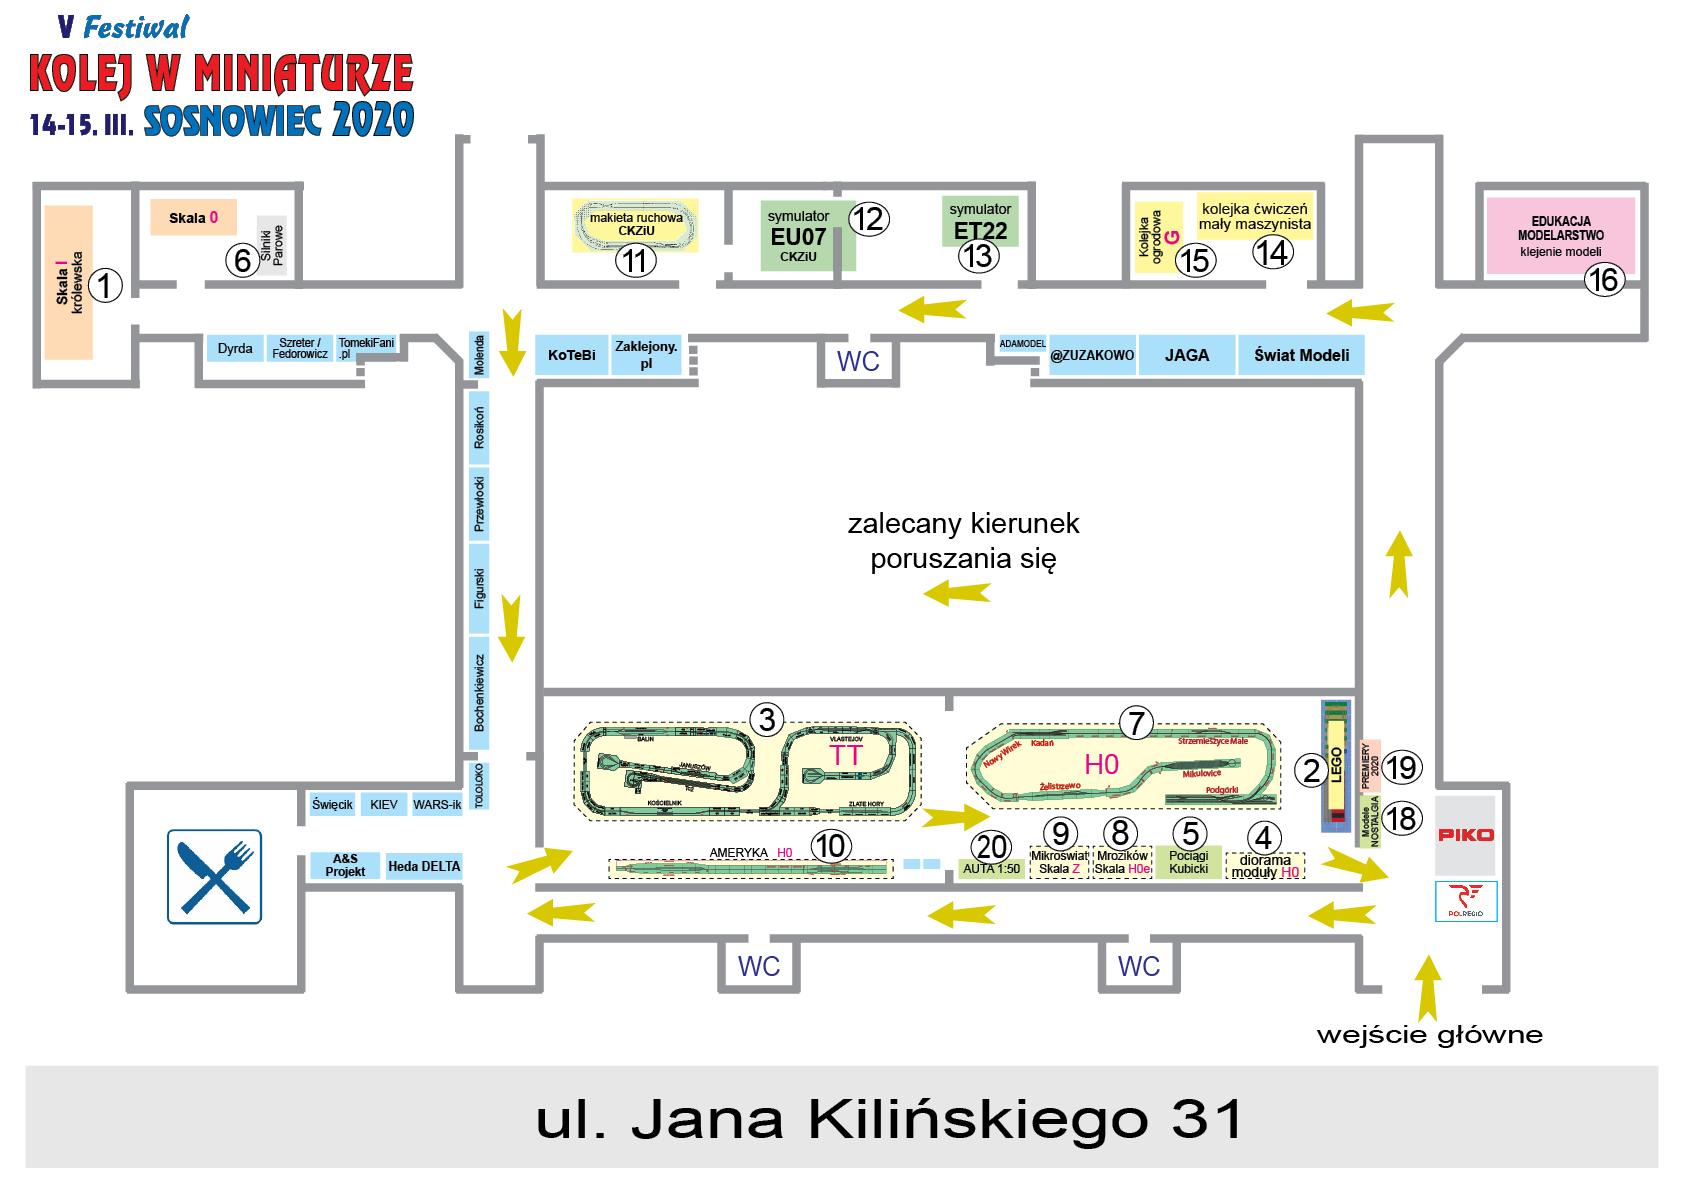 Festiwal2020-PlanBudynku-goscie.jpg